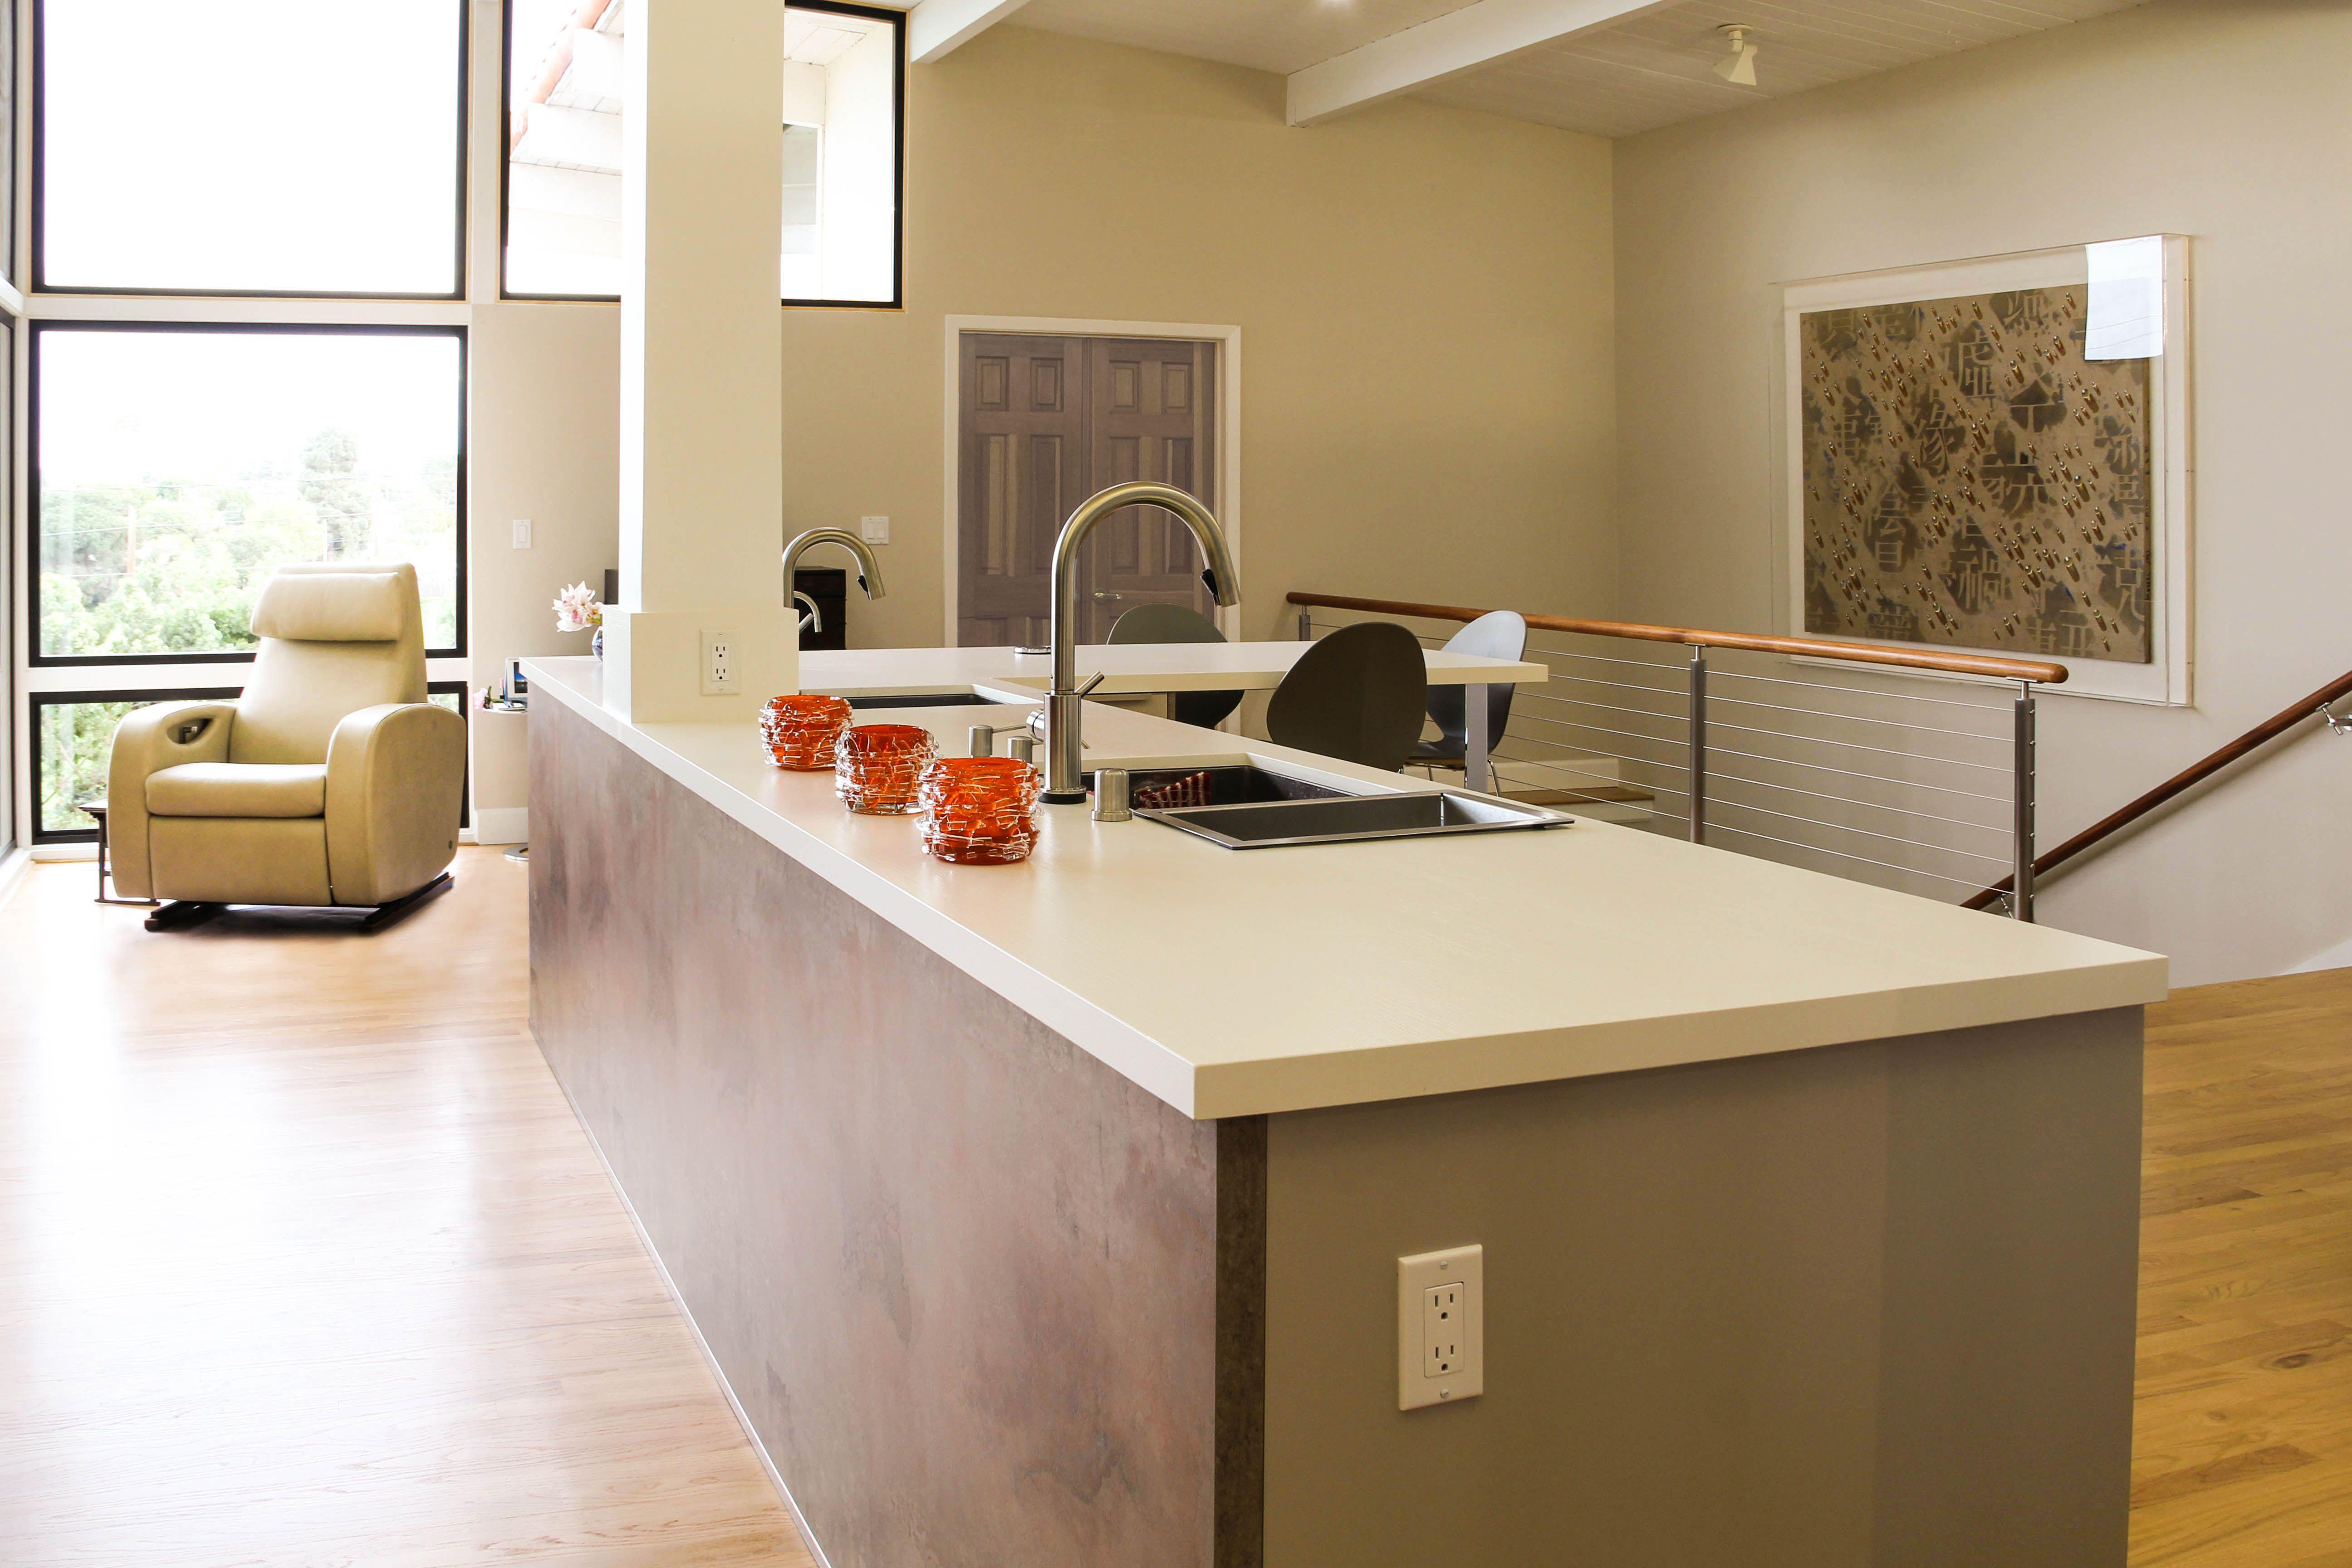 bauformat kitchen cabinet - front 241 | sand beige silky matt